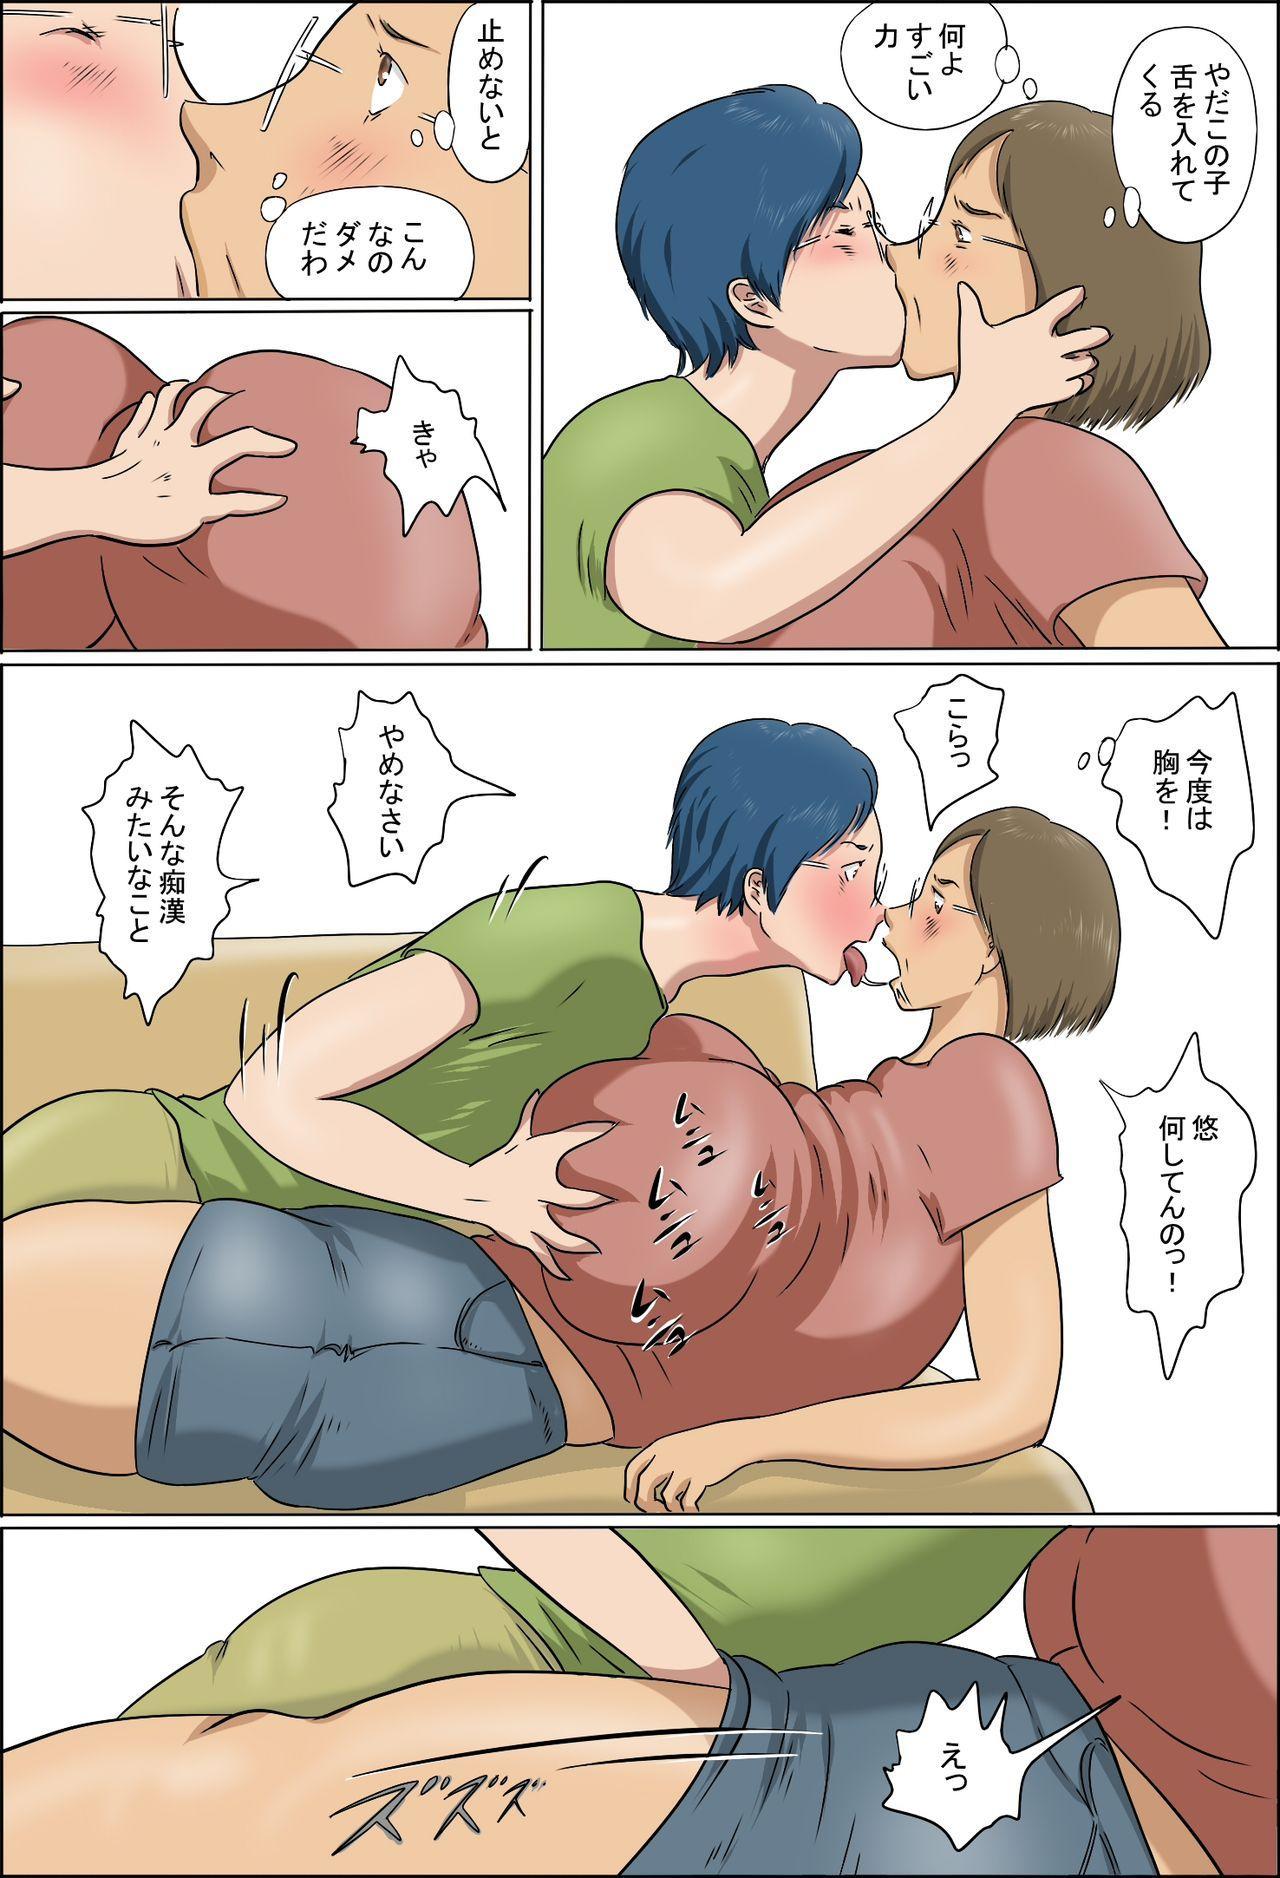 Haha to Musuko no Kazoku Seikatsu 13